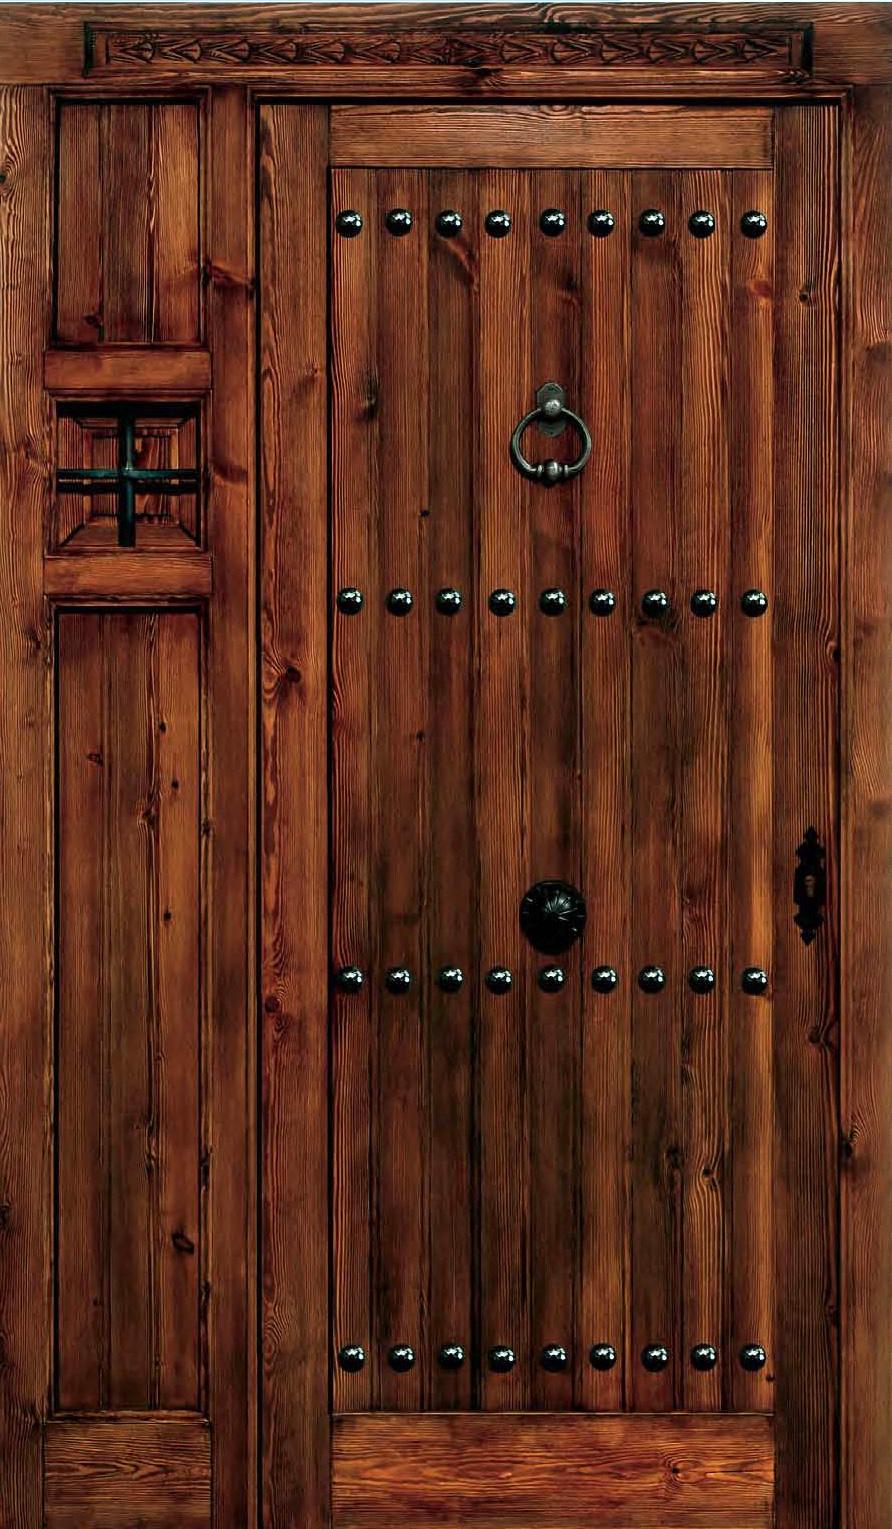 Puertas de madera rusticas beautiful puertas rsticas mod for Puertas rusticas en madera